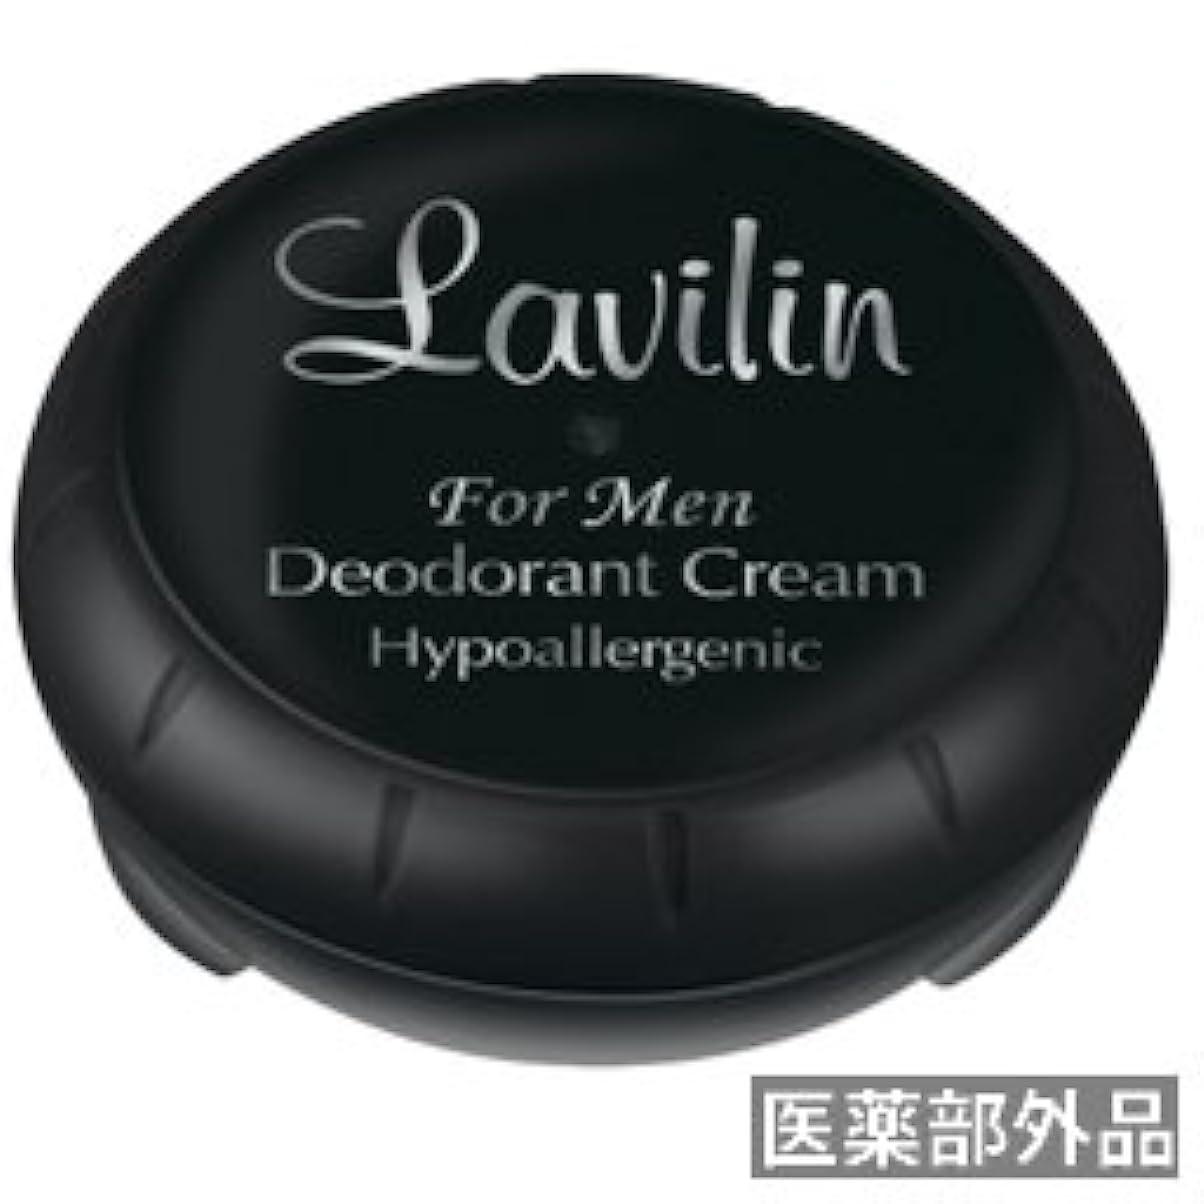 上流のエコー乳製品メンズラヴィリン 12.5g「デオドラントクリームラヴィリン」からメンズタイプ登場!ワキ?アシのニオイをしっかり消臭!